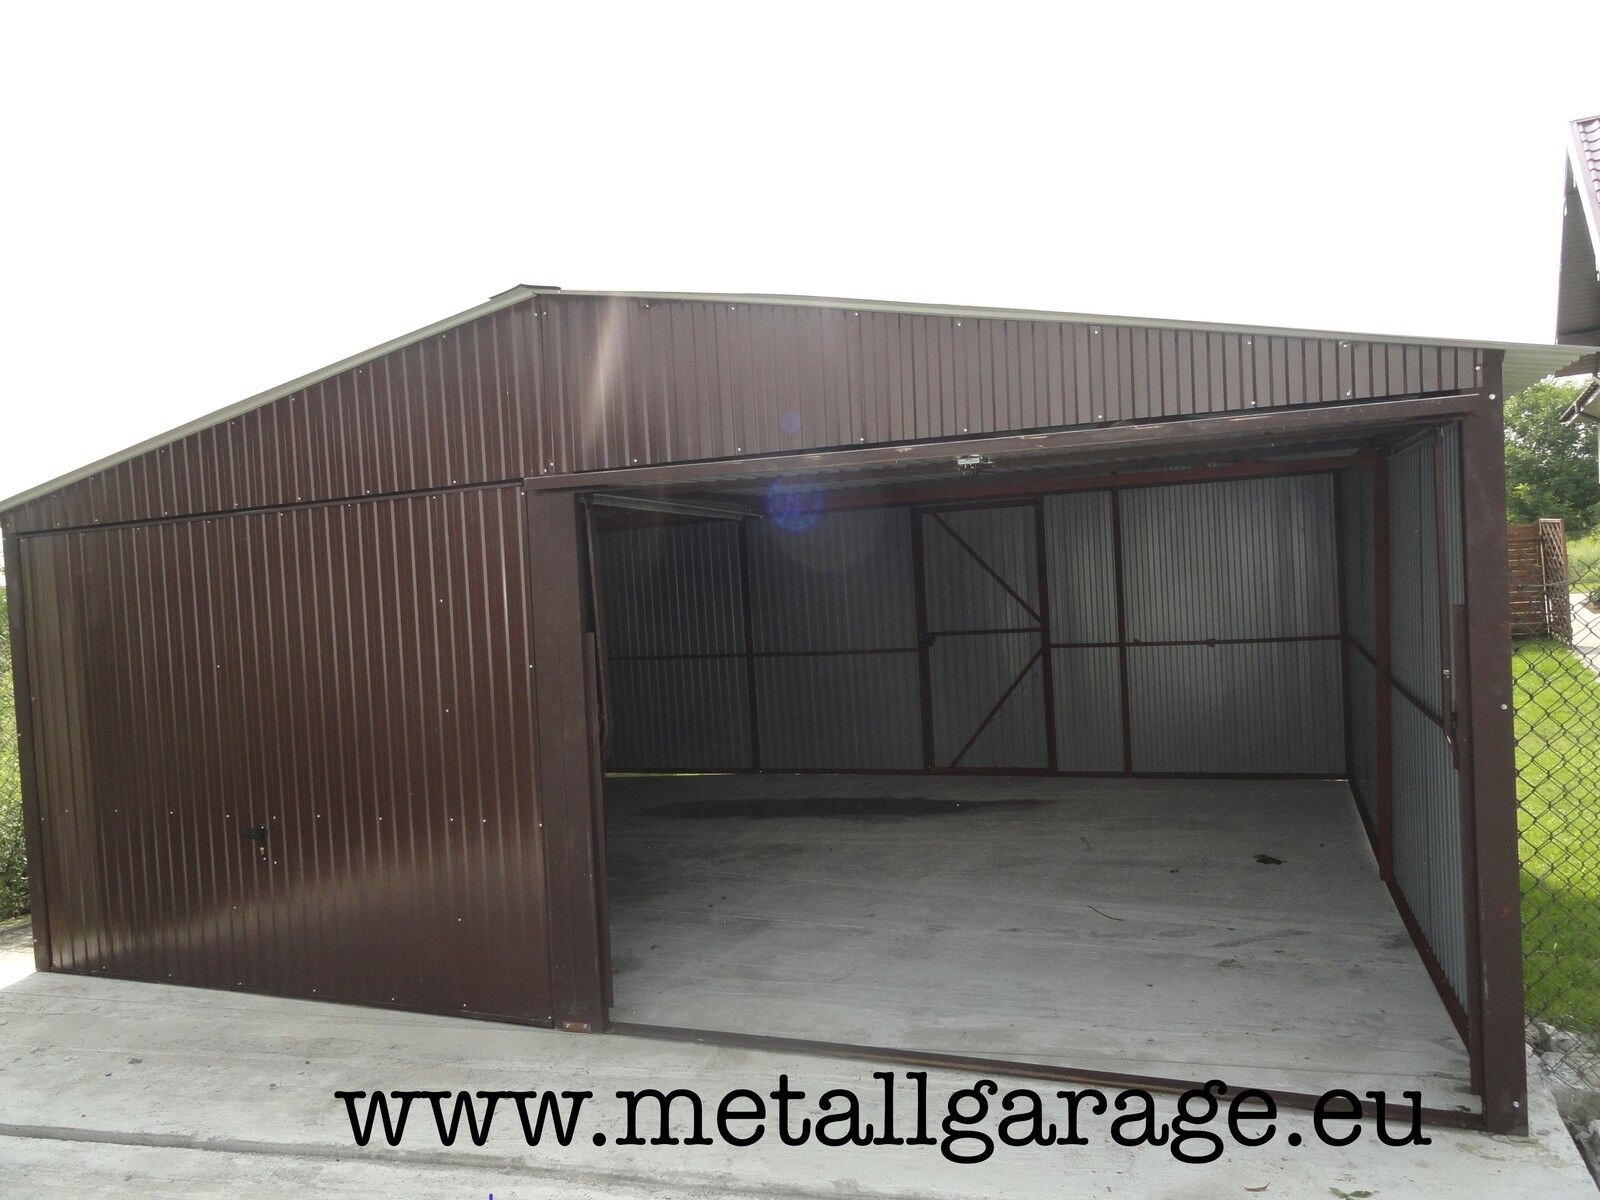 RAL 8017 5x5,0 Blechgarage Fertiggarage Metallgarage LAGERRAUM LAGERRAUM LAGERRAUM RAUM KFZ GARAGE f6520b